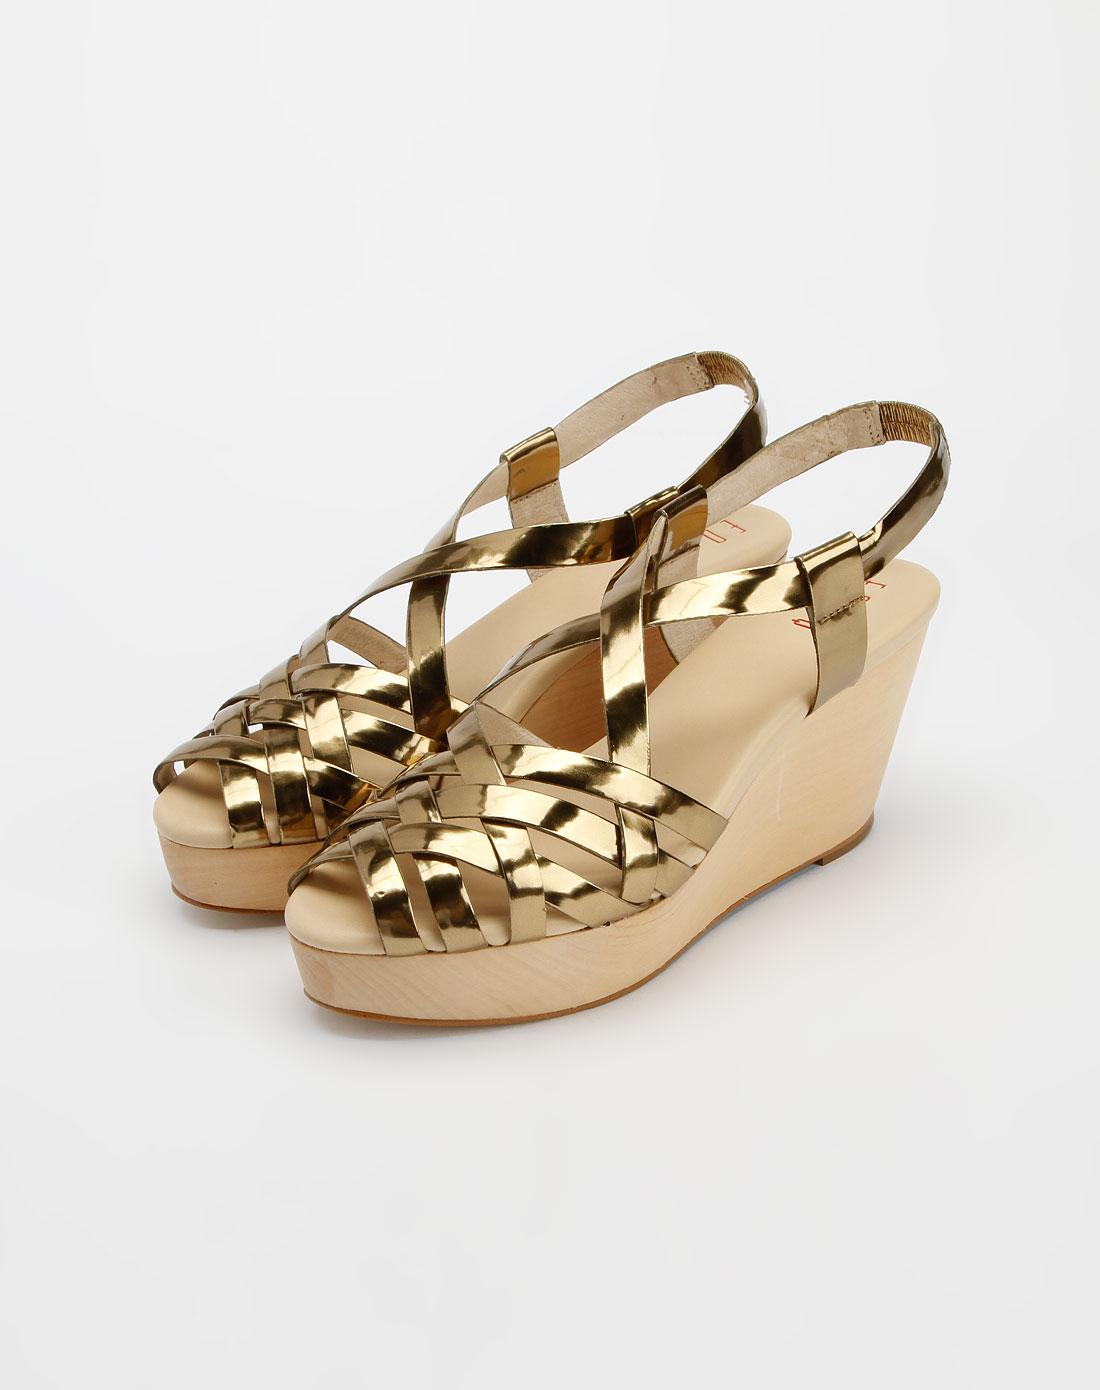 金色时尚高跟鱼嘴凉鞋